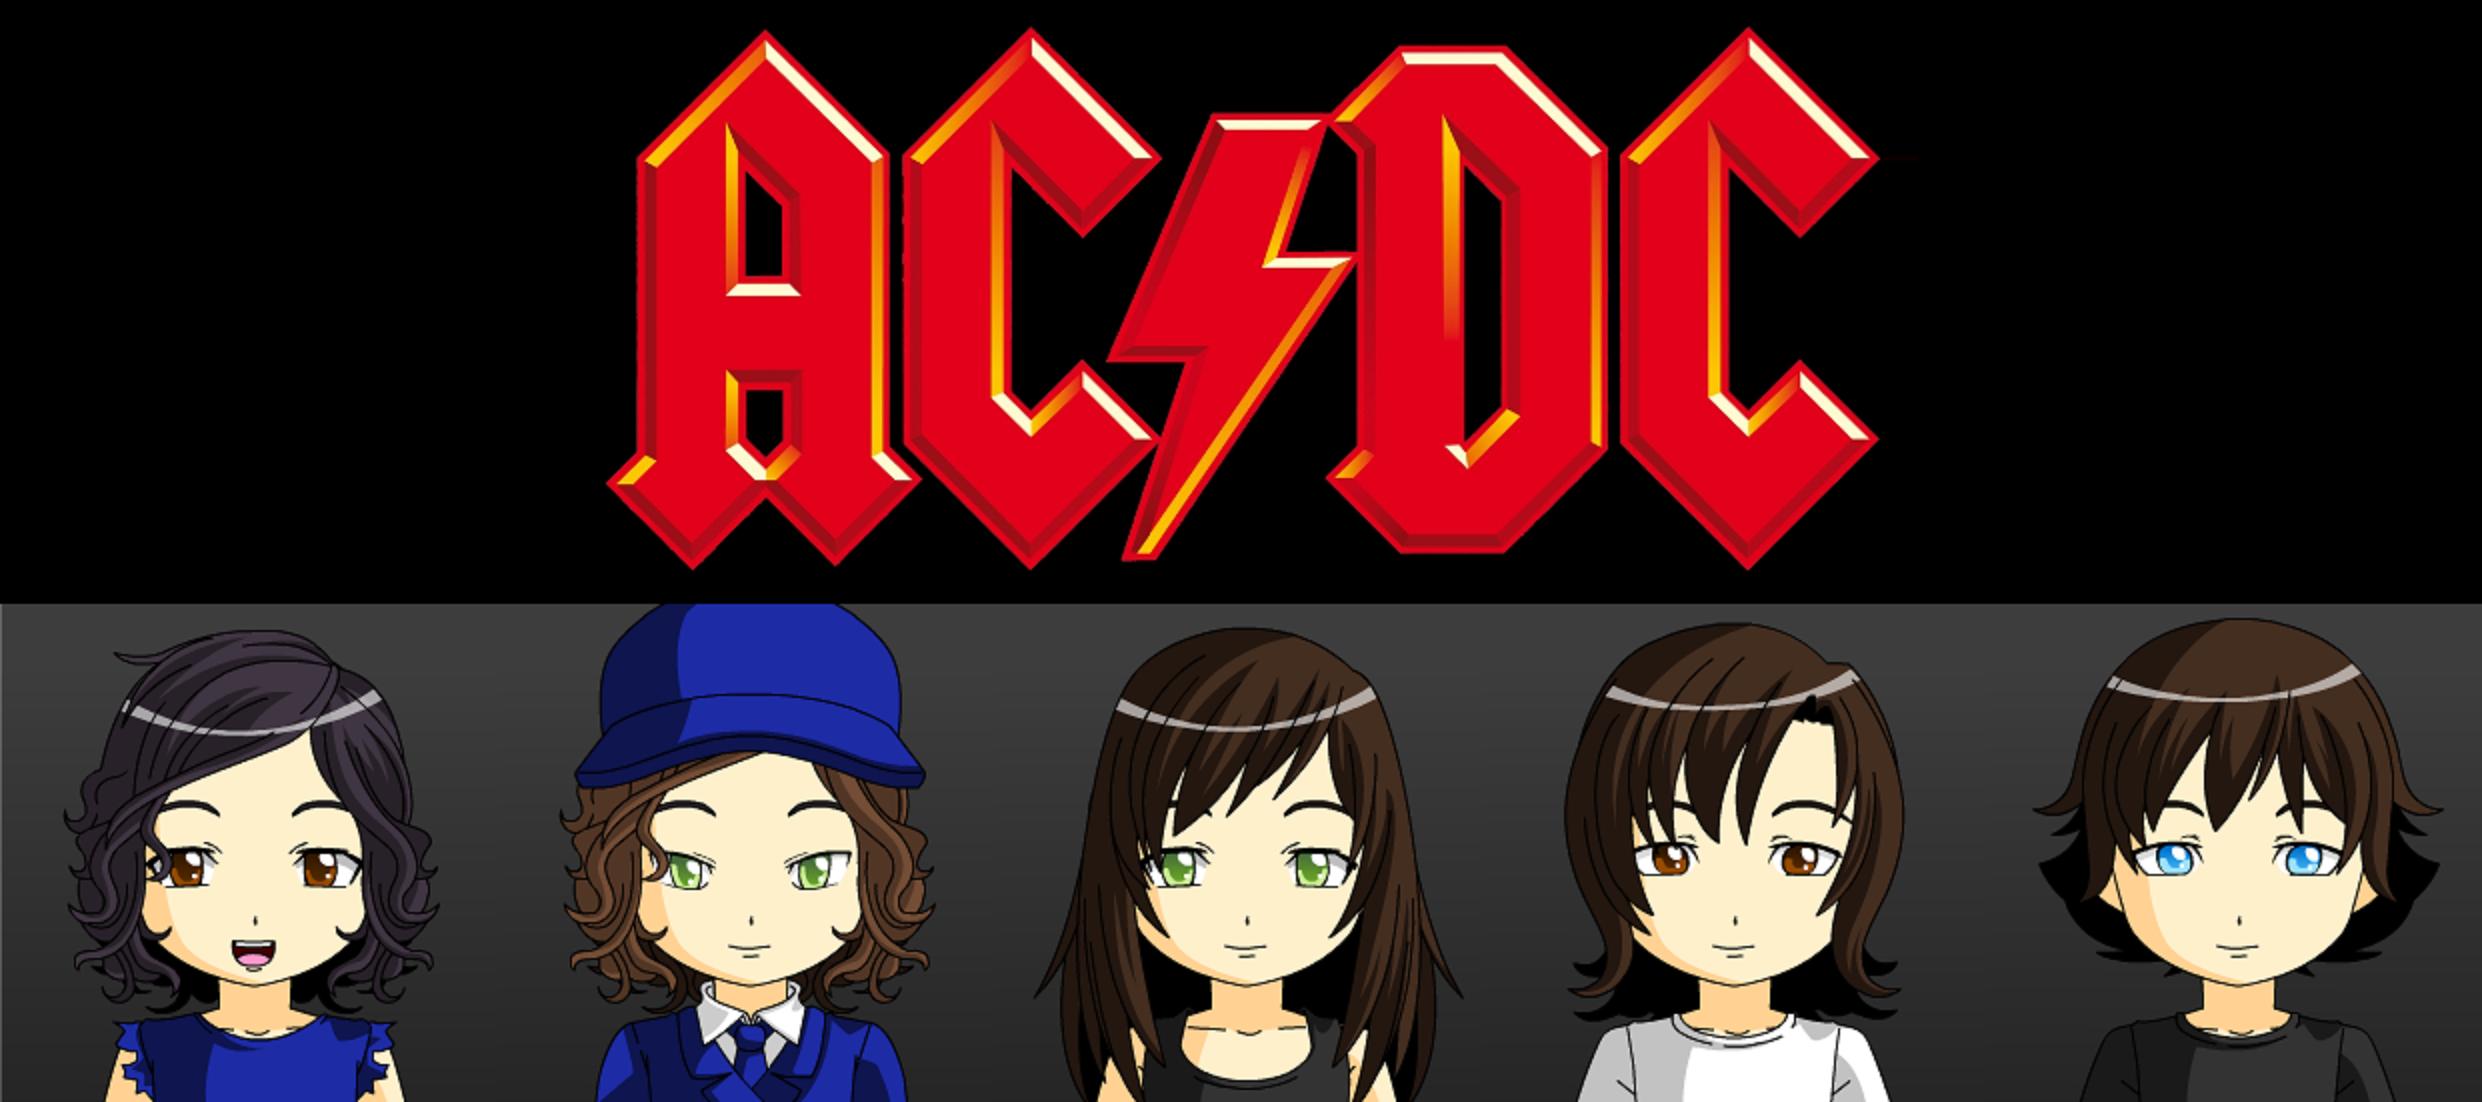 Ac Dc Art : Ac dc bon scott era by jackhammer on deviantart